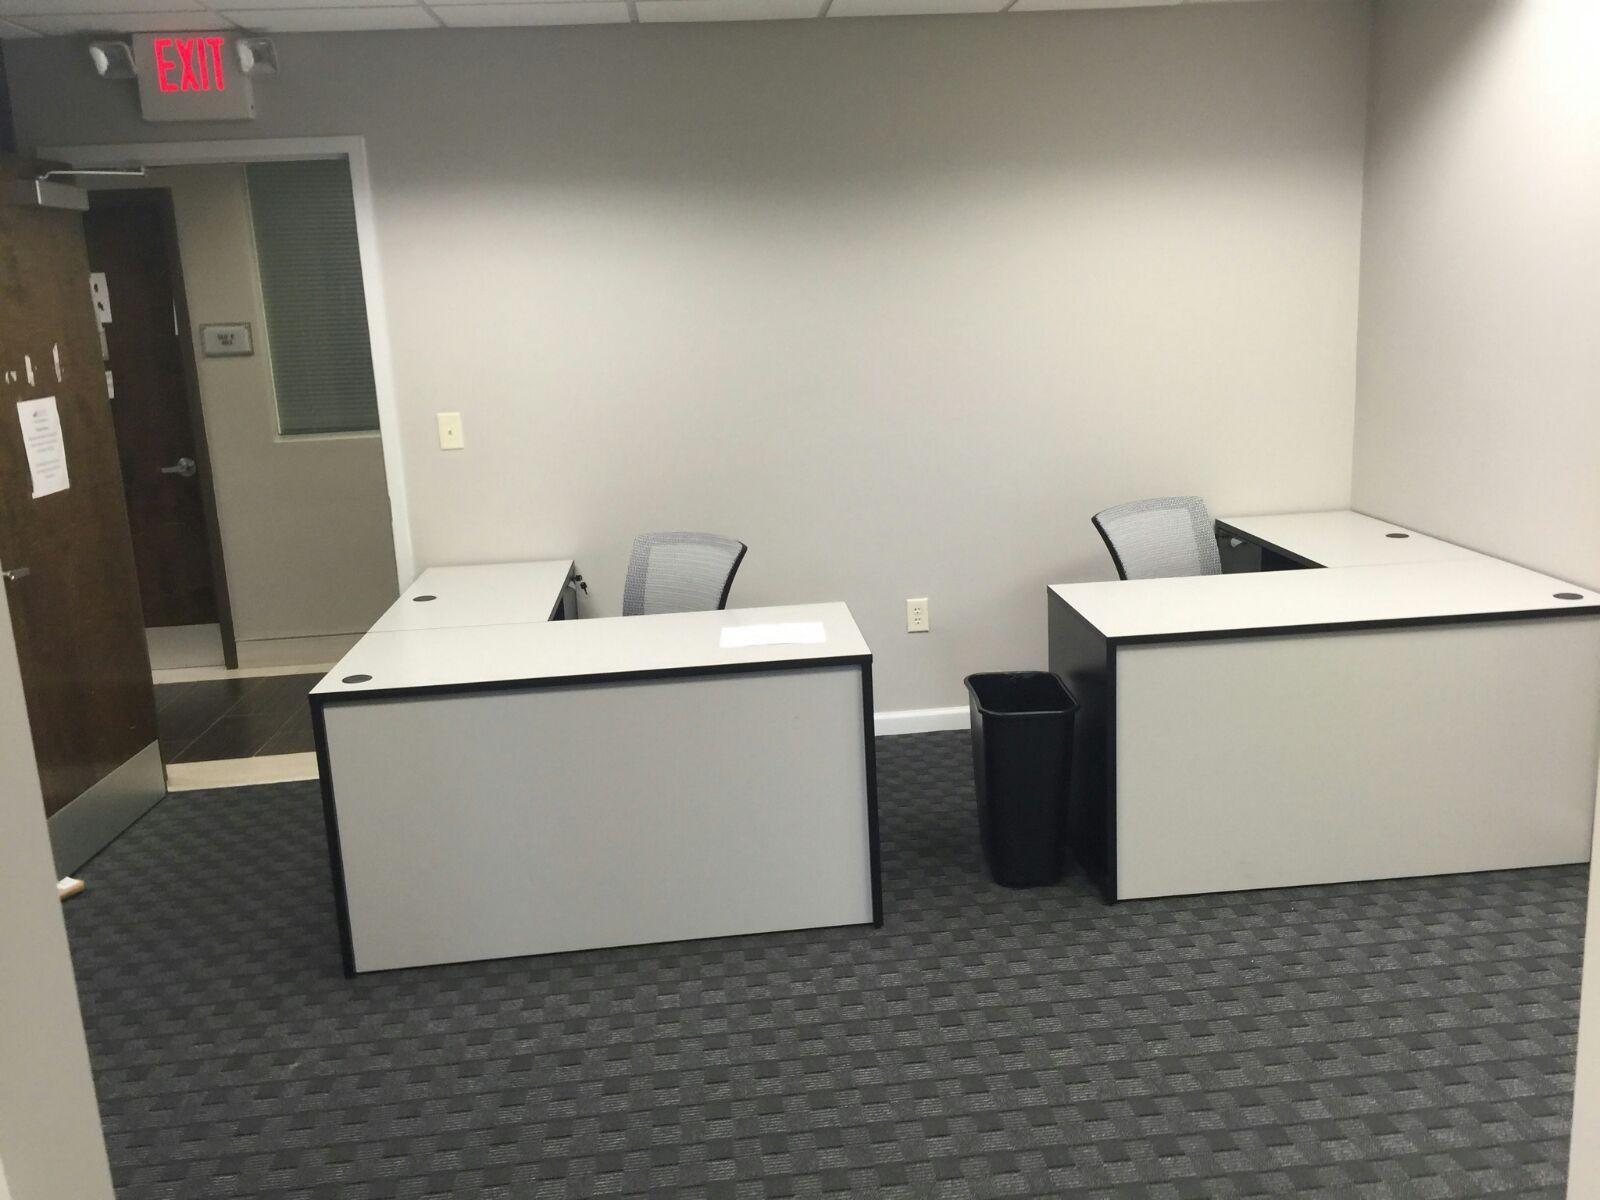 white desks with black edgeband.jpg